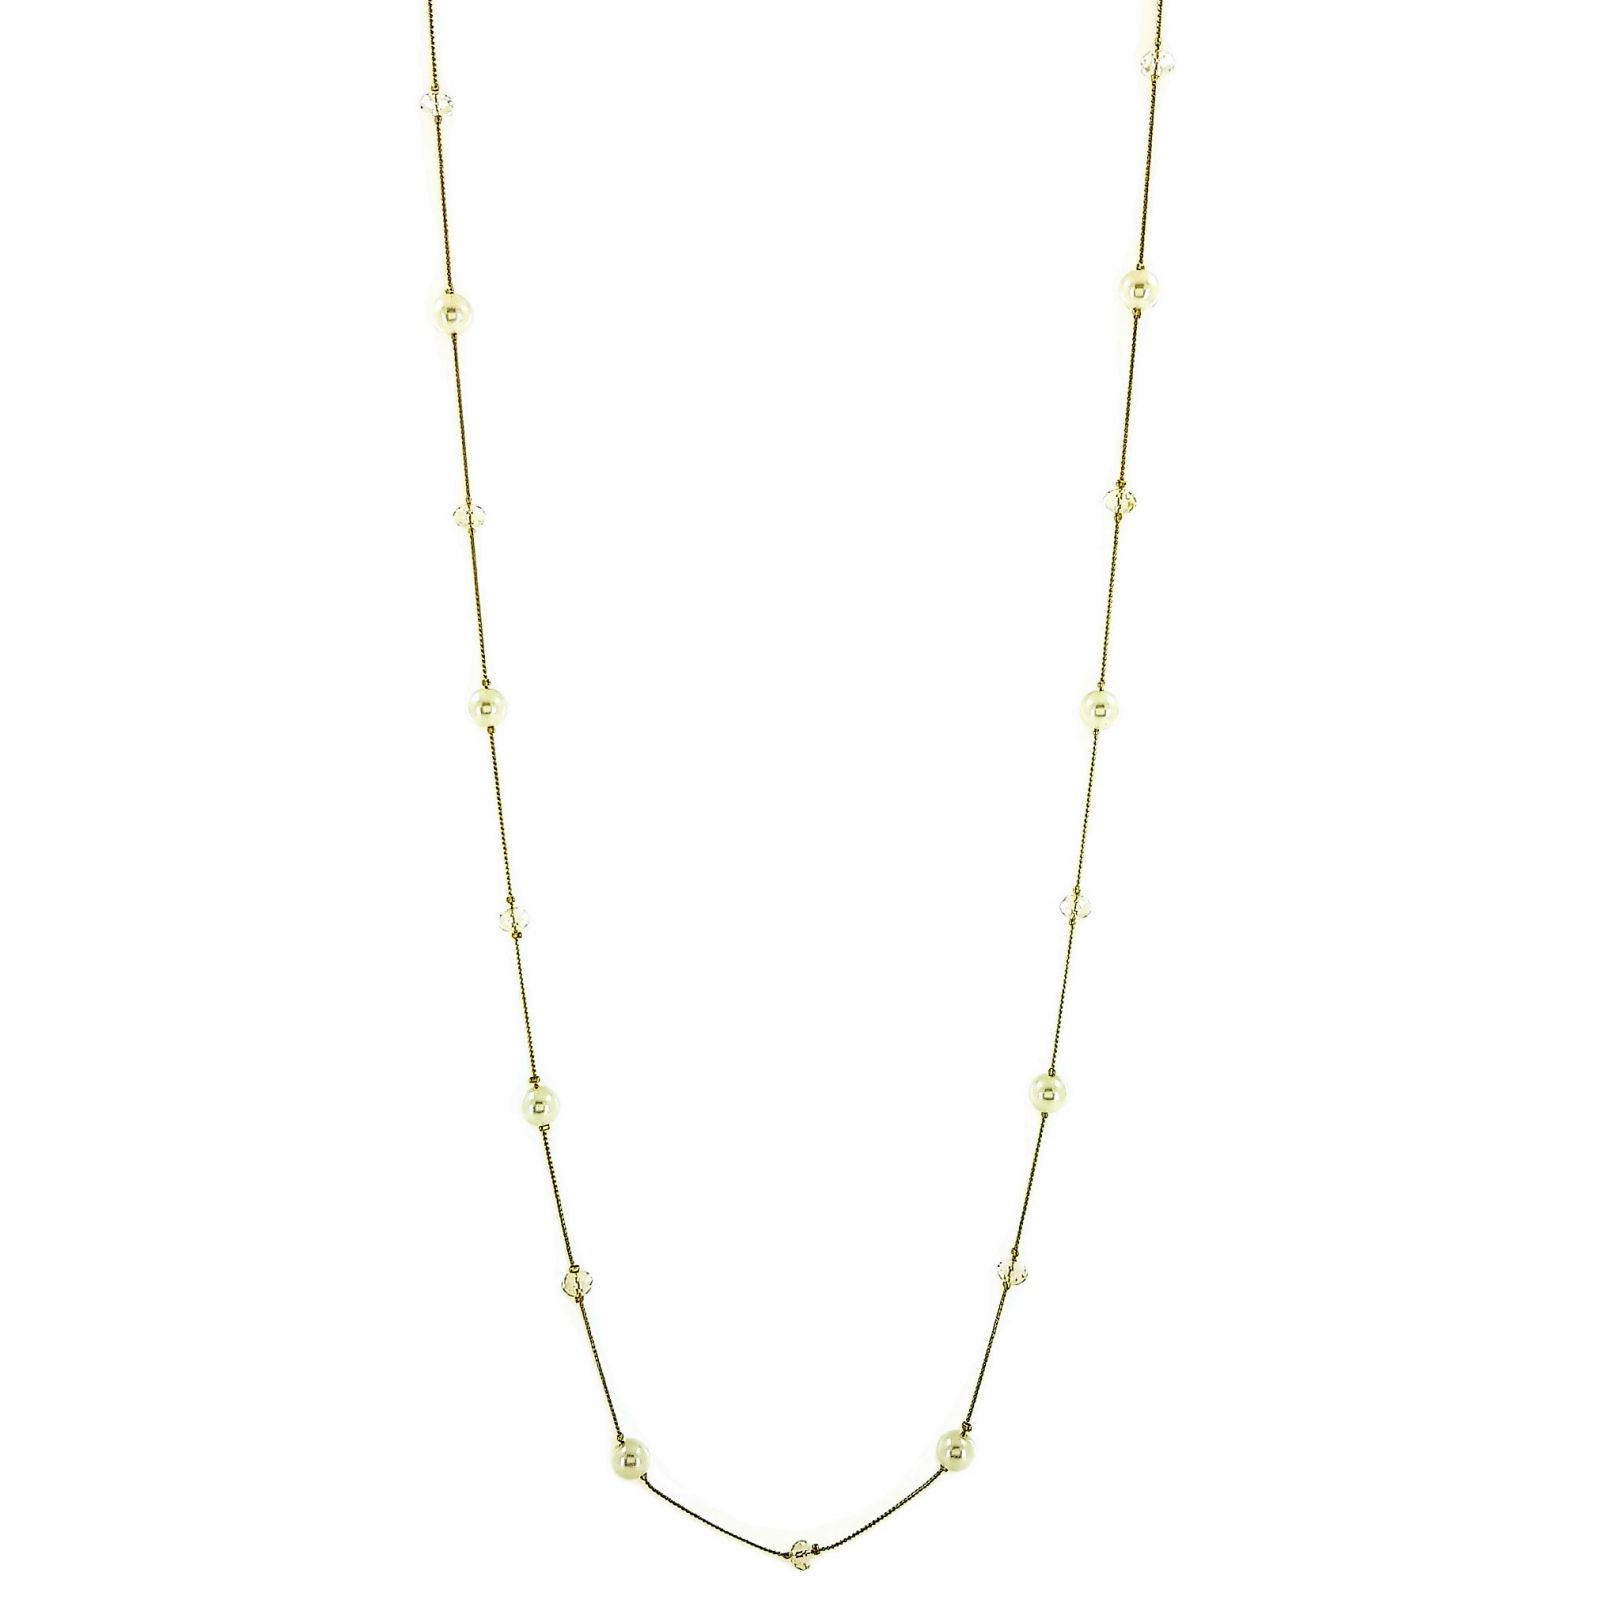 Dlouhý zlatý náhrdelník s perličkami GIIL